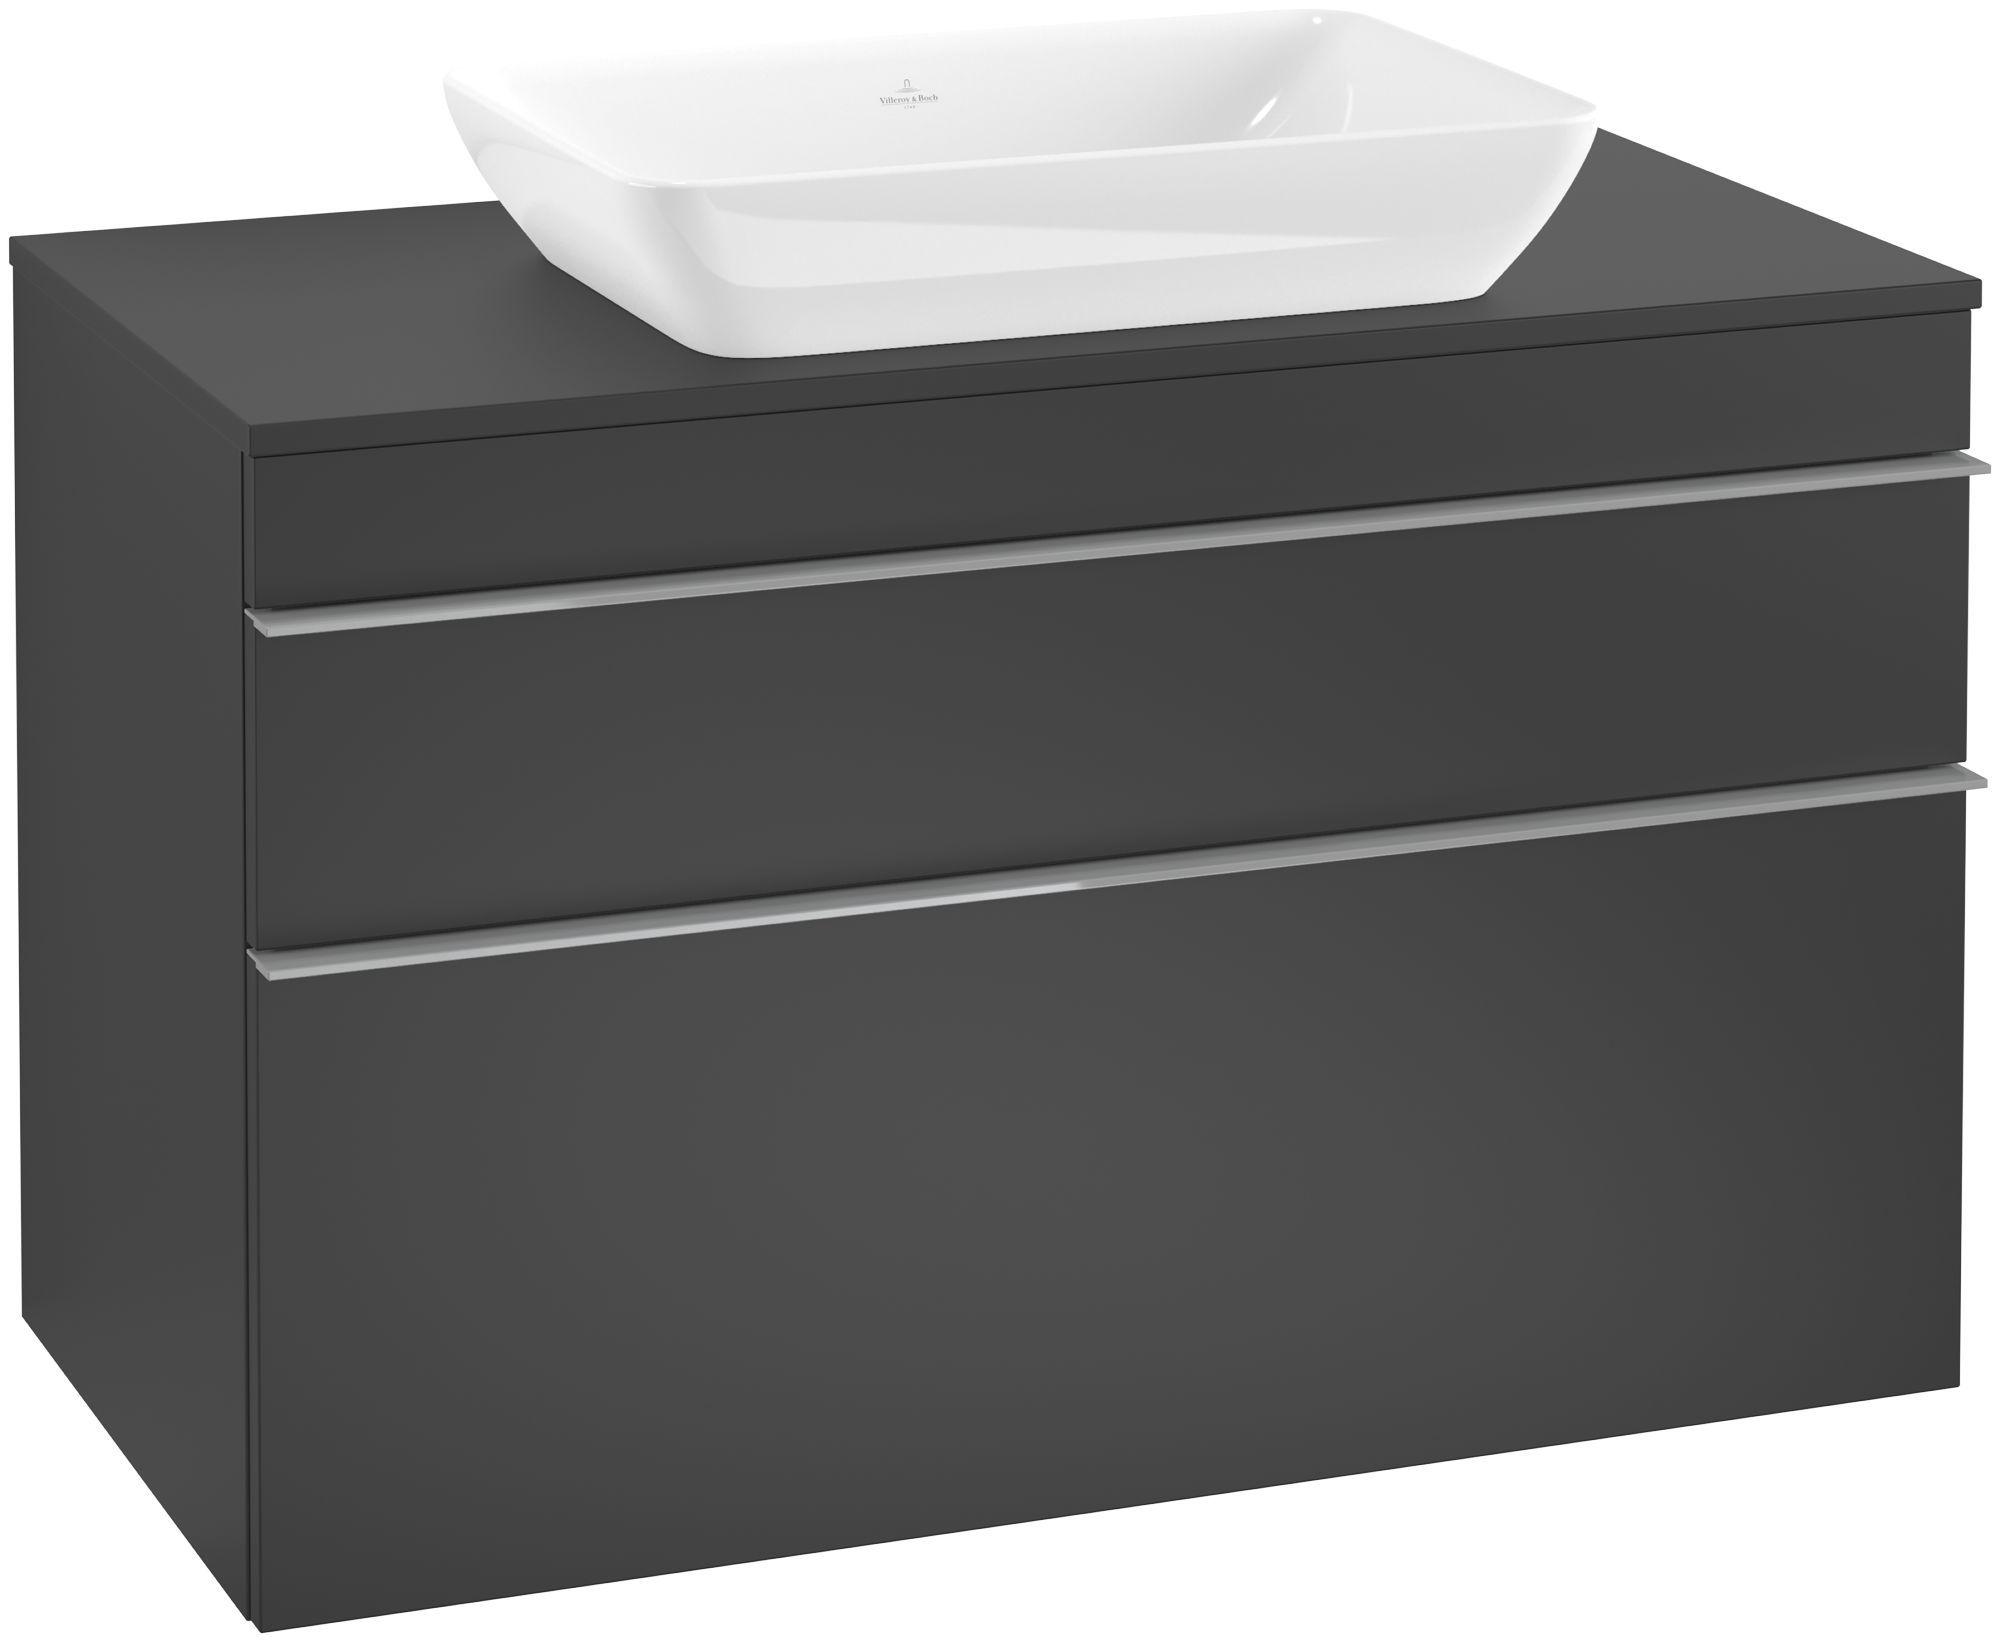 Villeroy & Boch Venticello Waschtischunterschrank für Waschtisch mittig 2 Auszüge B:95,7xH:60,6xT:50,2cm black matt lacquer Griffe grey Griffe grau A94103PD